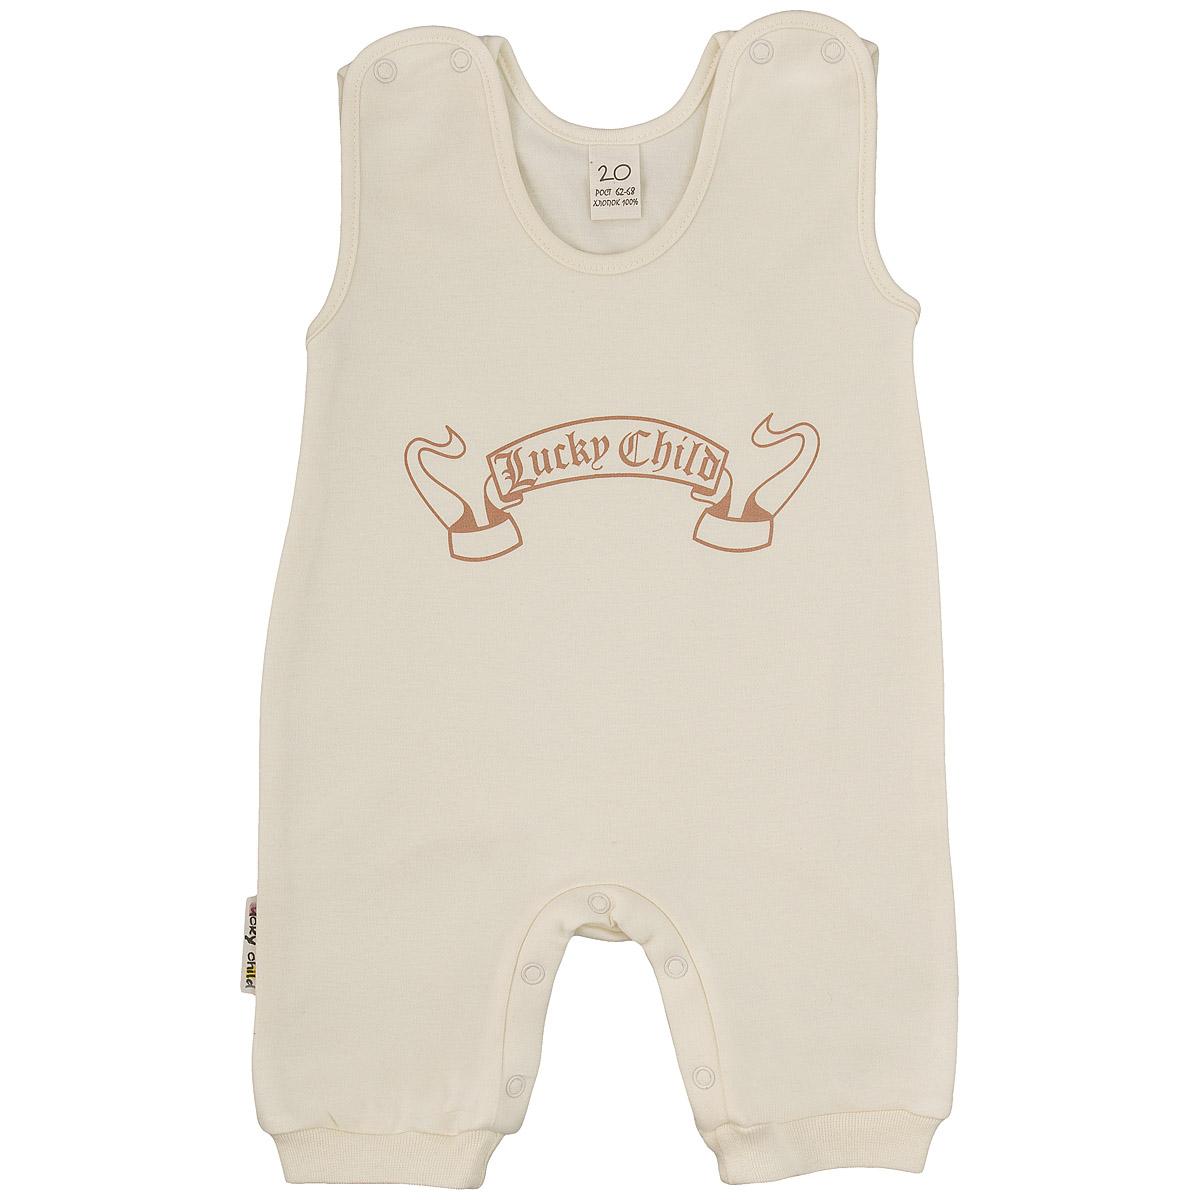 Ползунки-шорты с грудкой. 6-276-27Ползунки-шорты с грудкой Lucky Child - очень удобный и практичный вид одежды для малышей. Они отлично сочетаются с футболками и кофточками. Ползунки выполнены из интерлока - натурального хлопка, благодаря чему они необычайно мягкие и приятные на ощупь, не раздражают нежную кожу ребенка и хорошо вентилируются, а эластичные швы приятны телу малыша и не препятствуют его движениям. Ползунки-шорты без ножек, застегивающиеся сверху на кнопки, идеально подойдут вашему малышу, обеспечивая ему наибольший комфорт, подходят для ношения с подгузником и без него. Кнопки на ластовице помогают легко и без труда поменять подгузник в течение дня. Оформлены ползунки принтом в виде надписи Lucky Child. Ползунки-шорты с грудкой полностью соответствуют особенностям жизни малыша в ранний период, не стесняя и не ограничивая его в движениях!